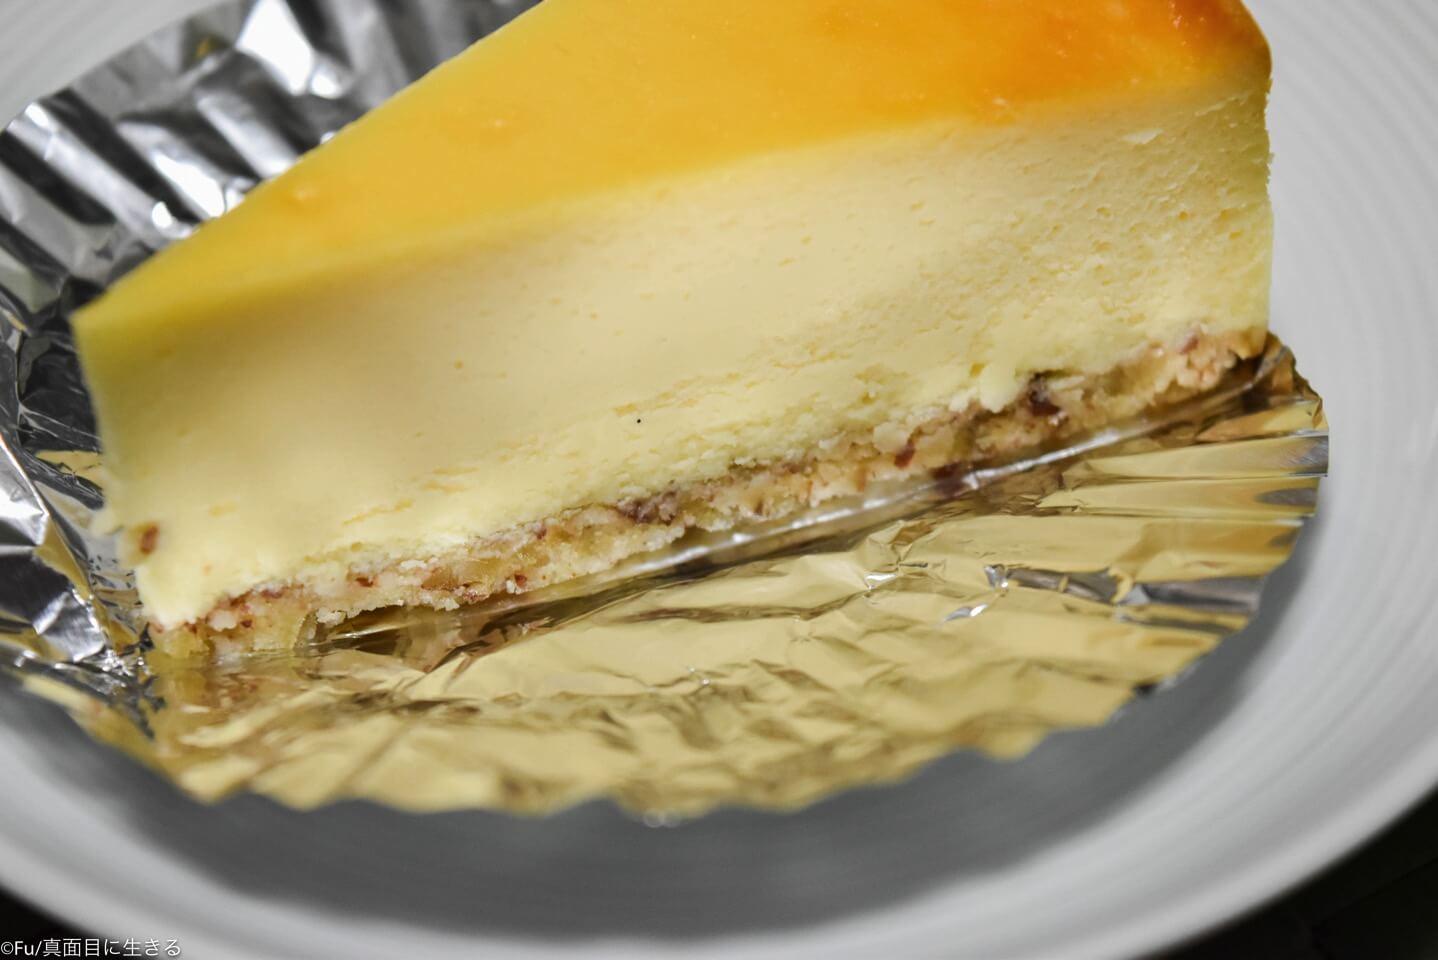 チーズケーキ下のクランチ